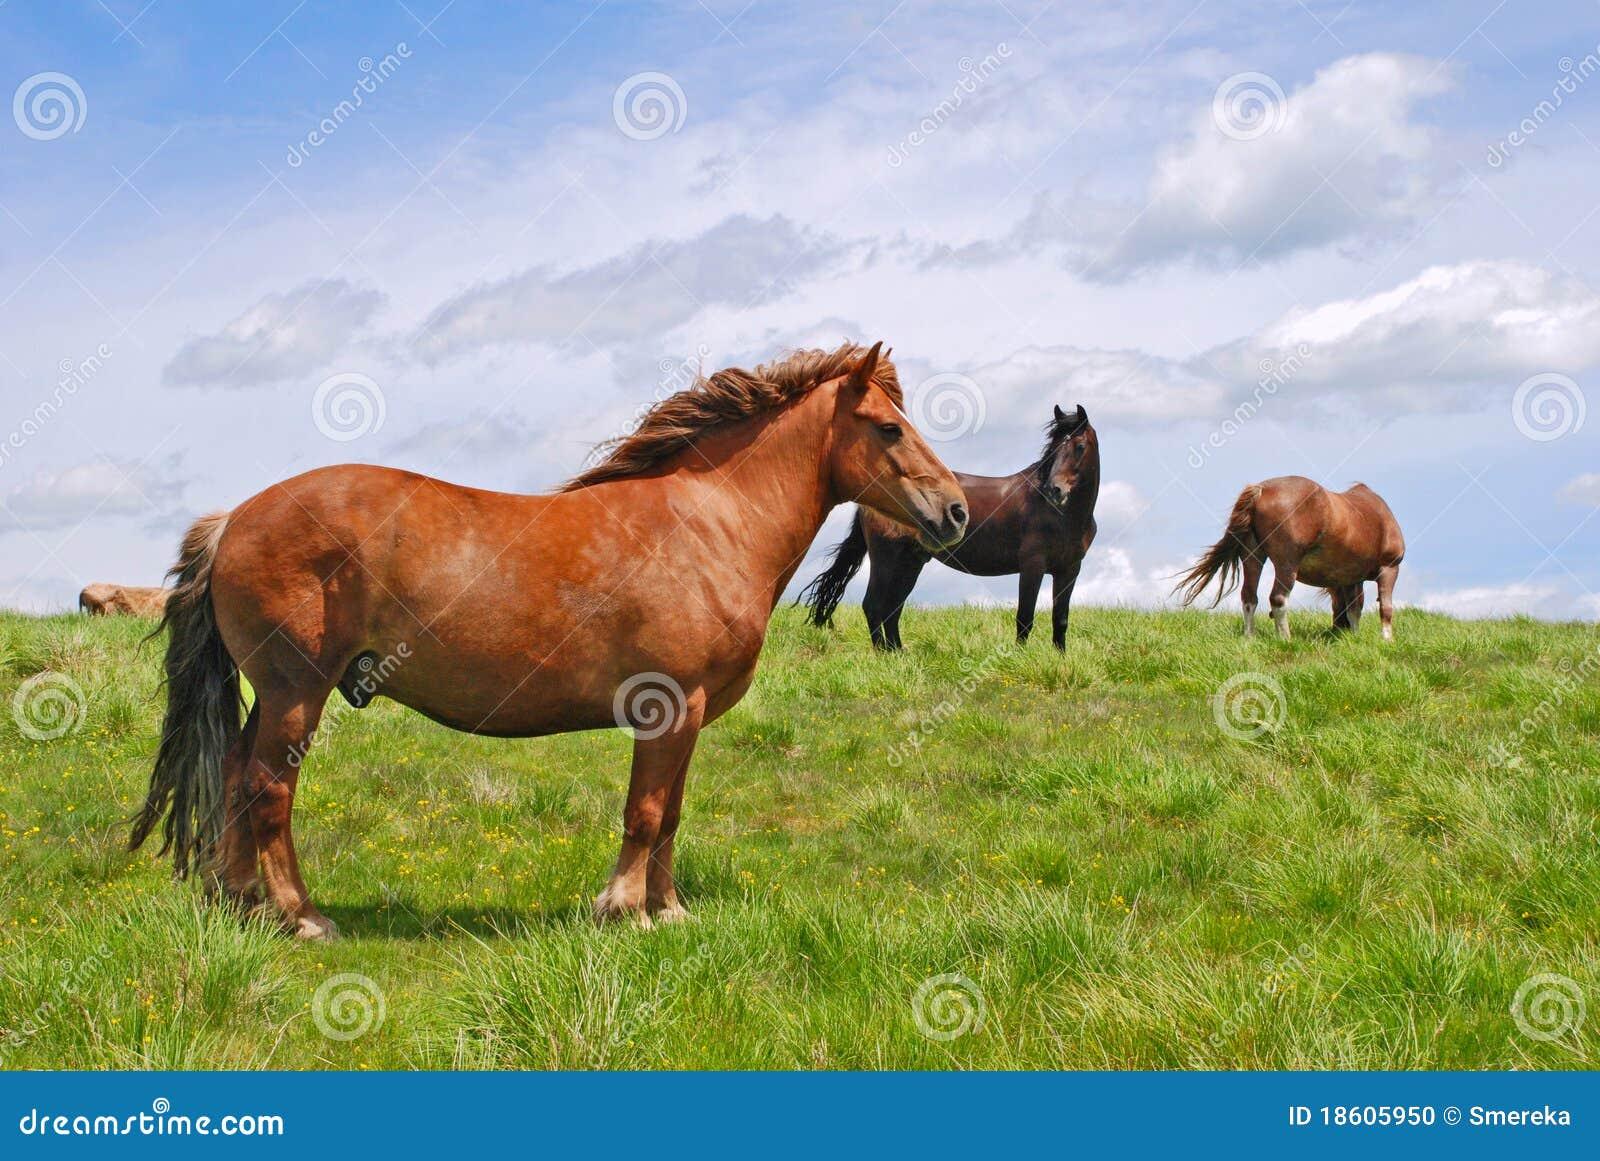 cheval sur un flanc de coteau photo stock image 18605950. Black Bedroom Furniture Sets. Home Design Ideas